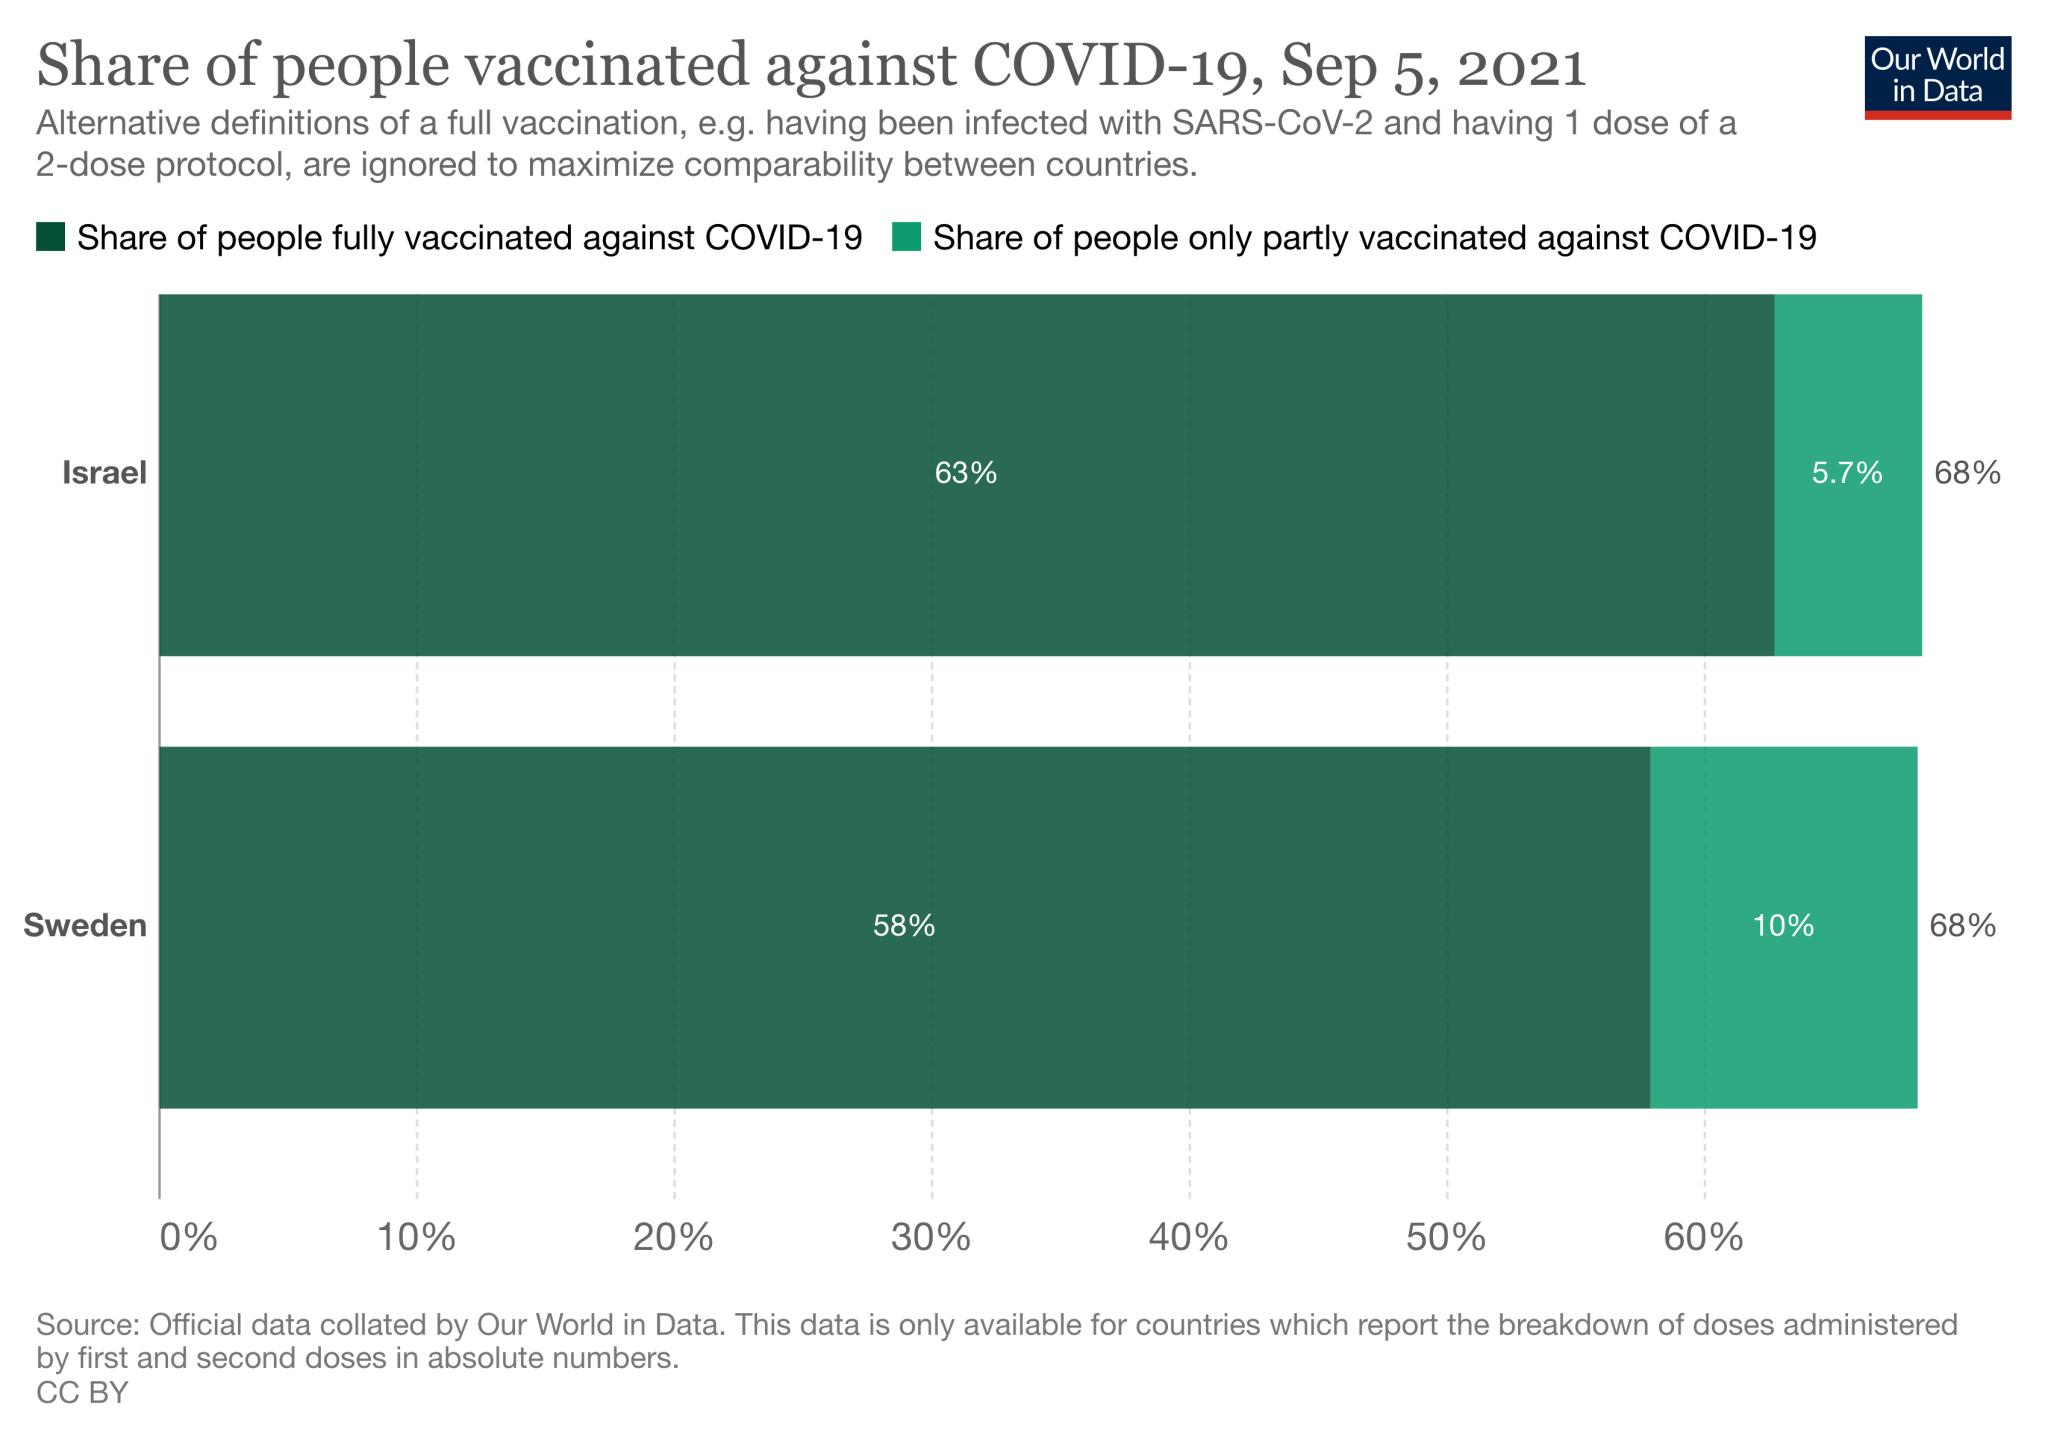 Udział osób zaszczepionych jedną i dwoma dawkami w Izraelu i Szwecji